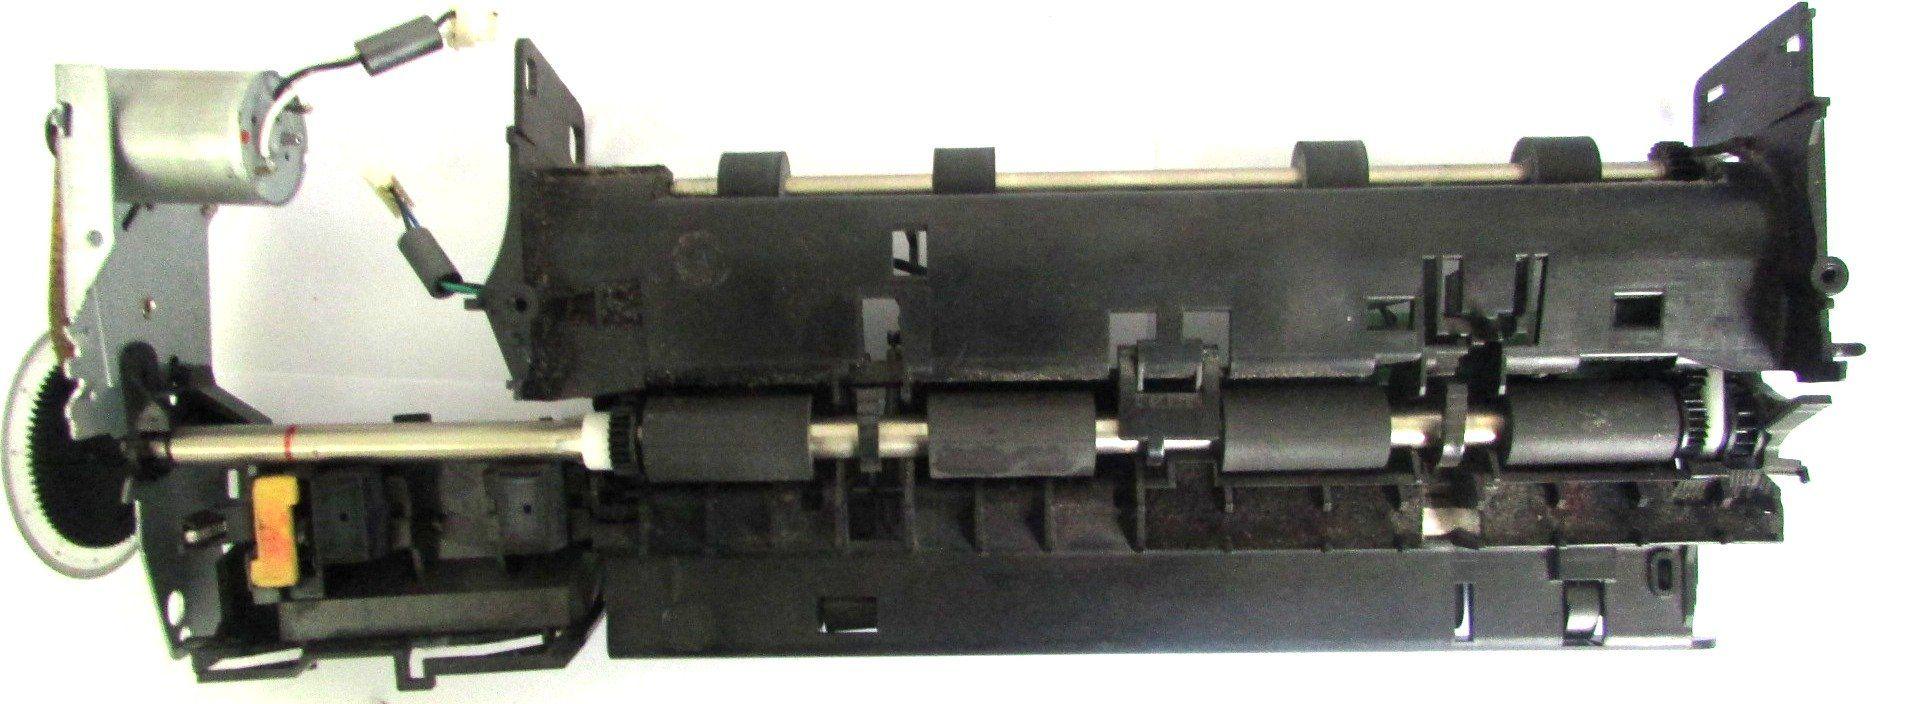 Mecanismo De Impressão HP J3600 (semi novo)